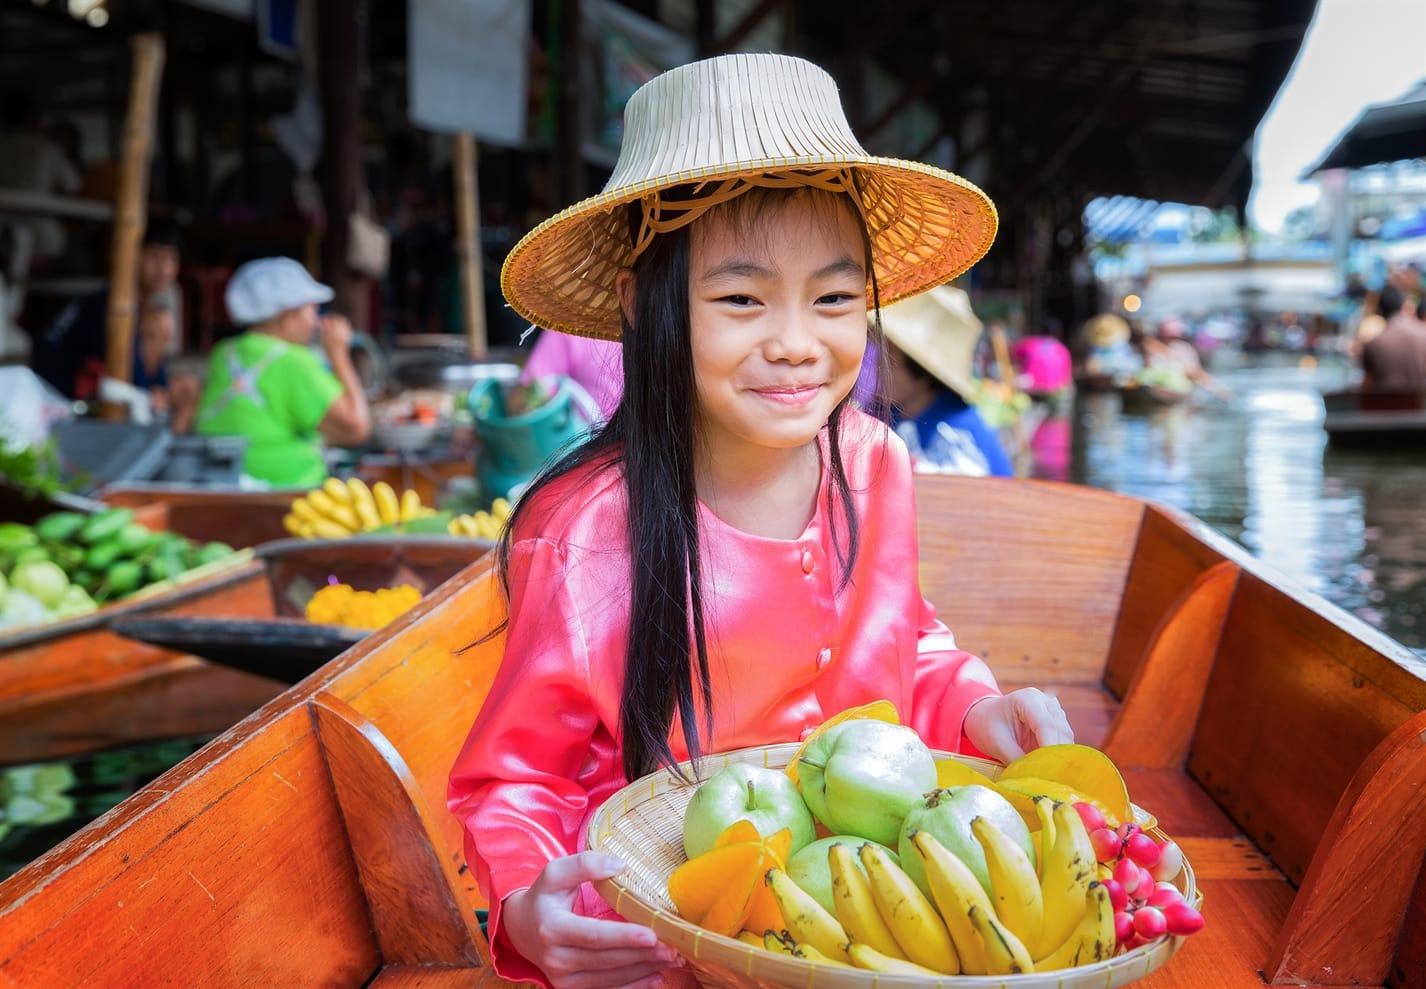 Familie groepsreis Tempels en Tuk-tuks in Thailand – 15 dagen - Schitterende familiereis langs jungle, bergstammen en tempels in Noord-Thailand!